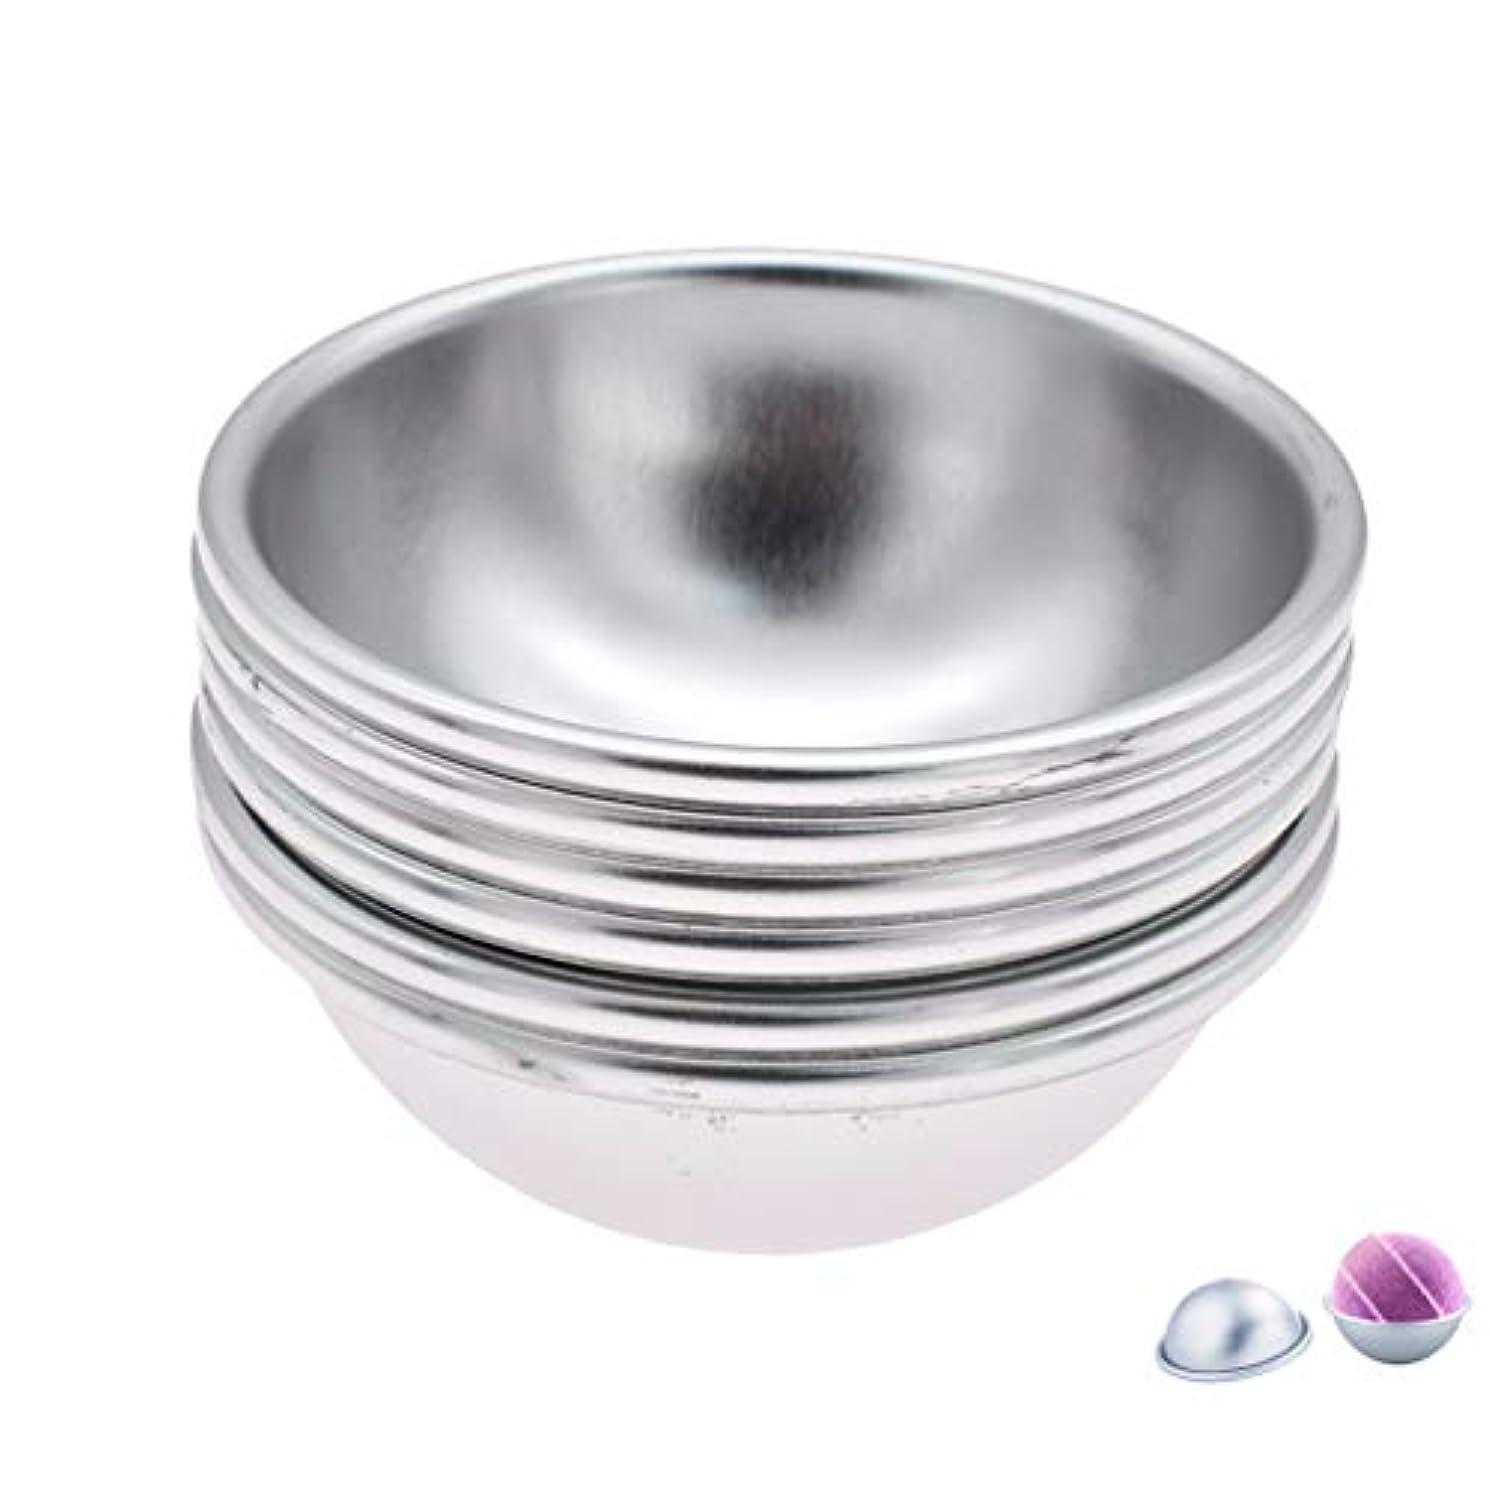 付与霧虚弱(ライチ) Lychee 6個セット バスボム型 石鹸製造ツールセット 円形金型 DIYソープ ハンドメイド 食品にも使用可 ケーキ型 お菓子型